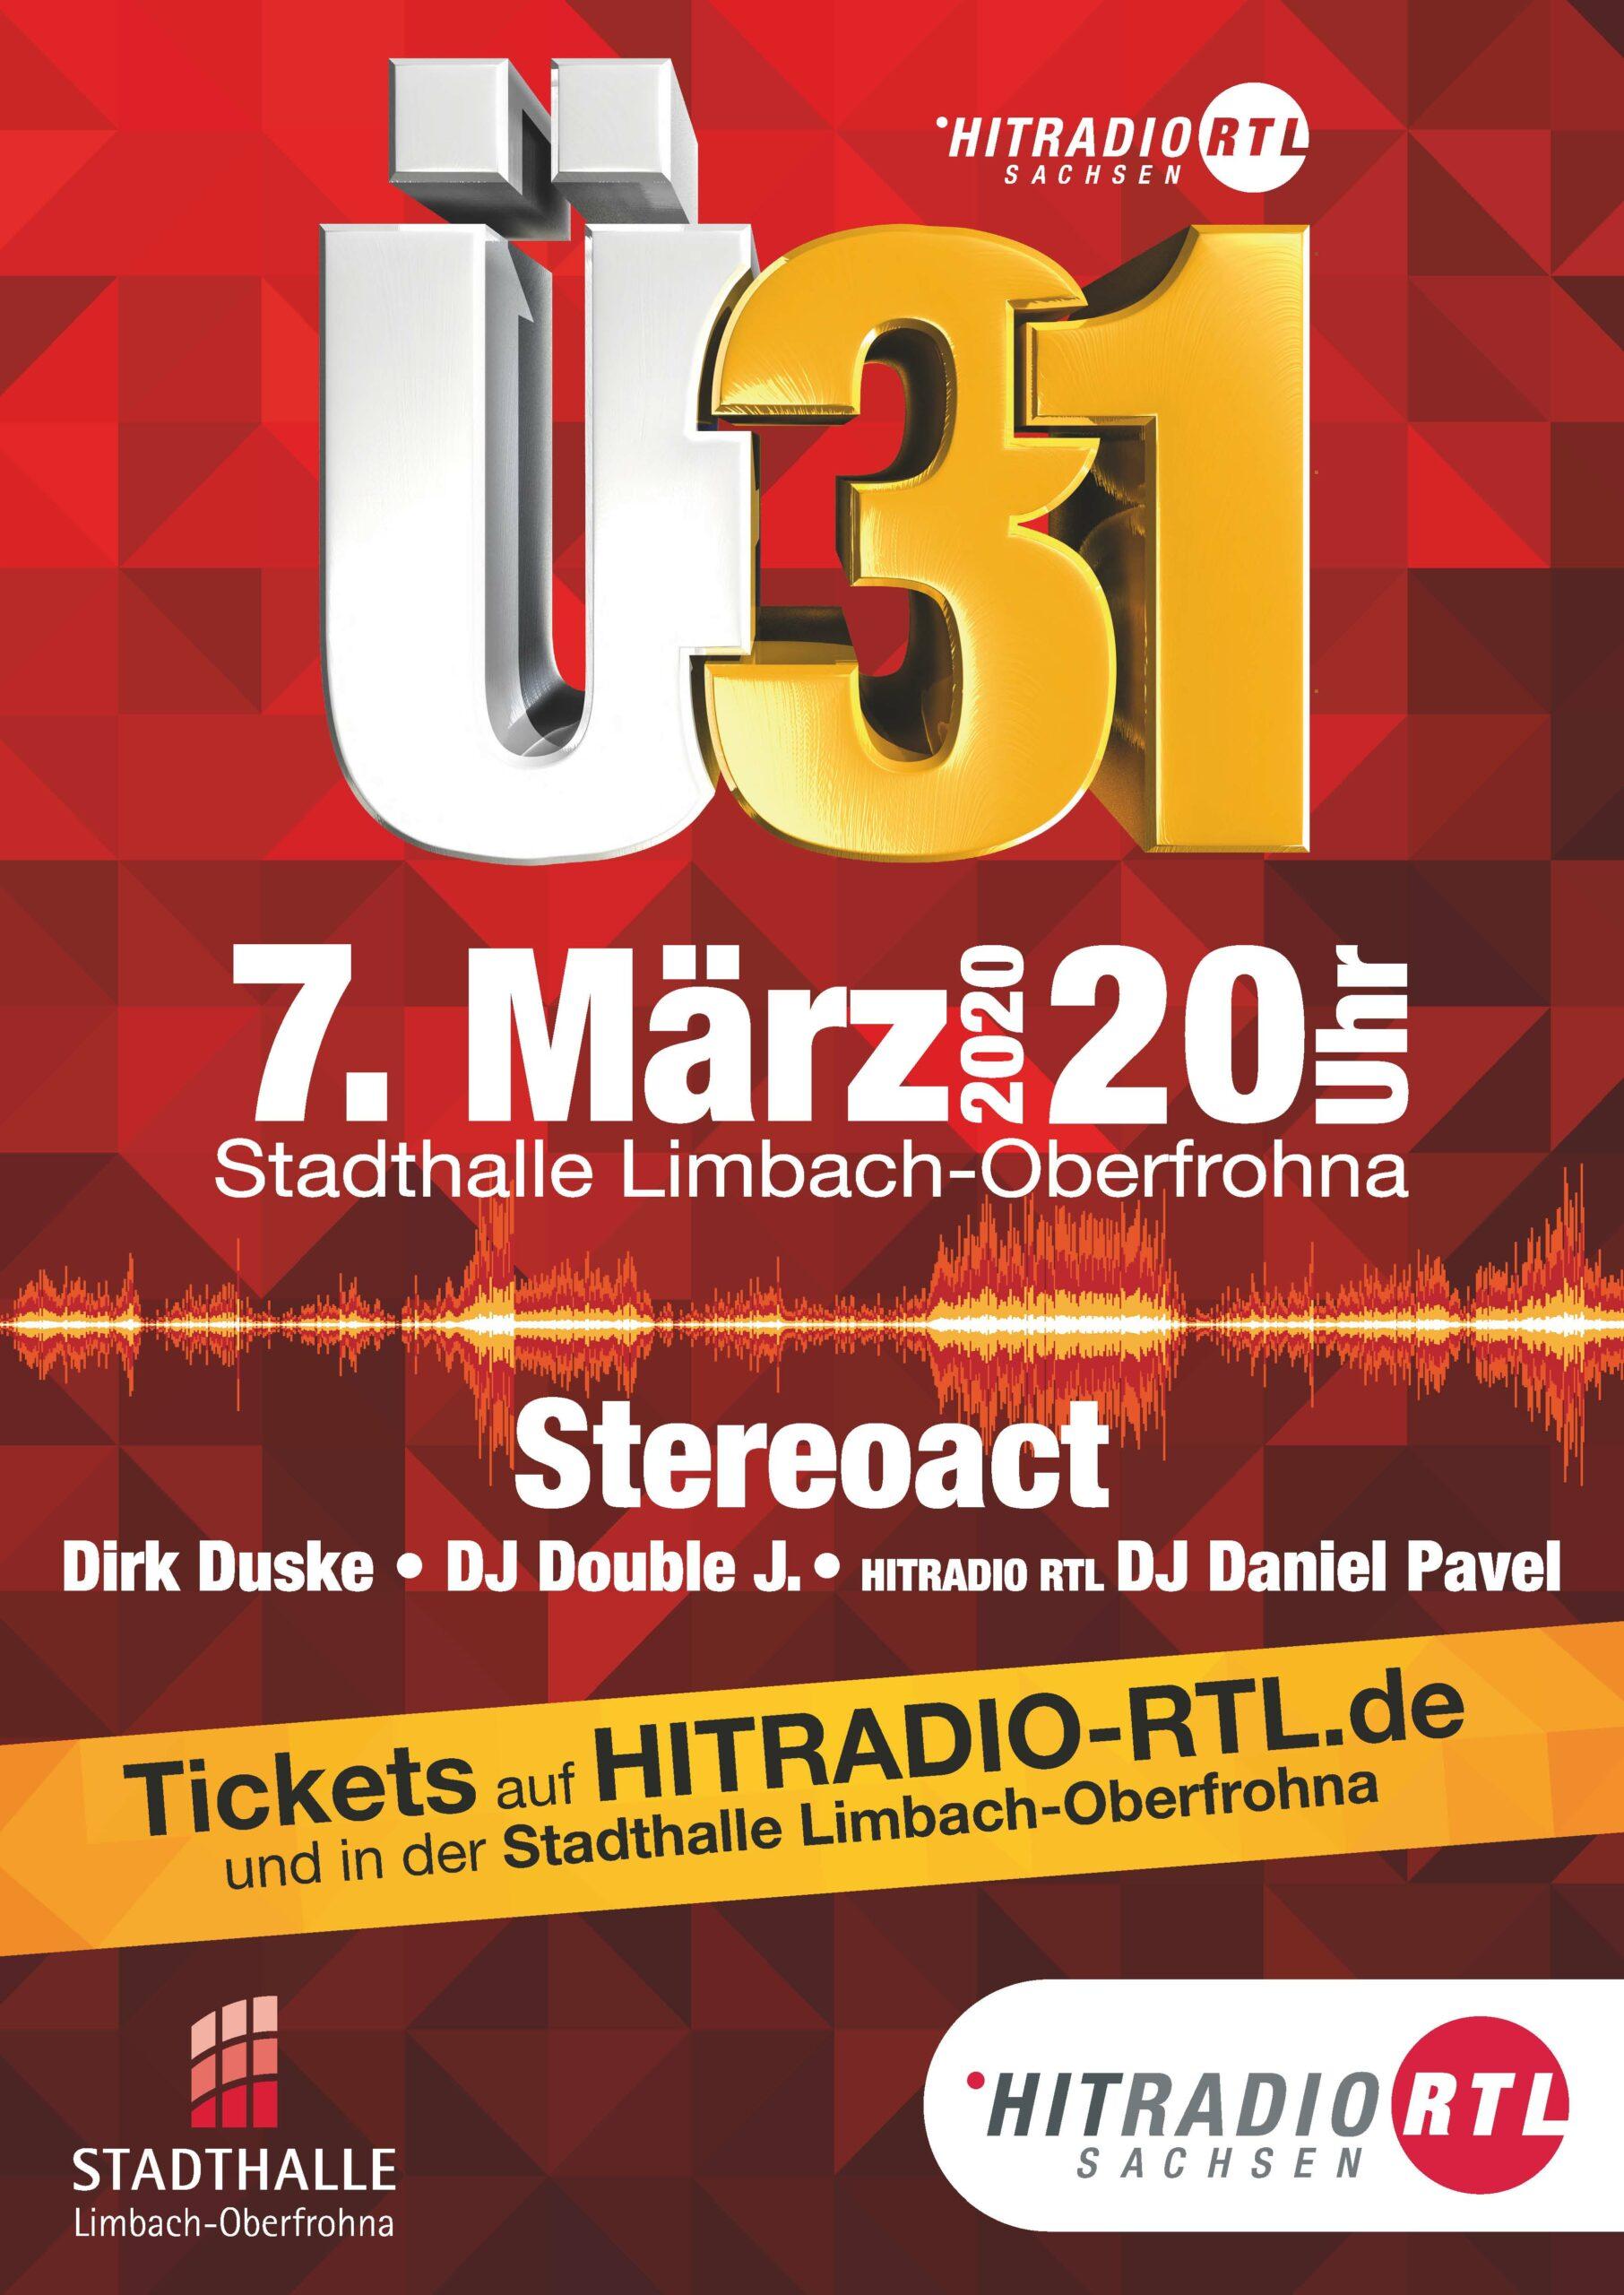 HITRADIO RTL Ü31